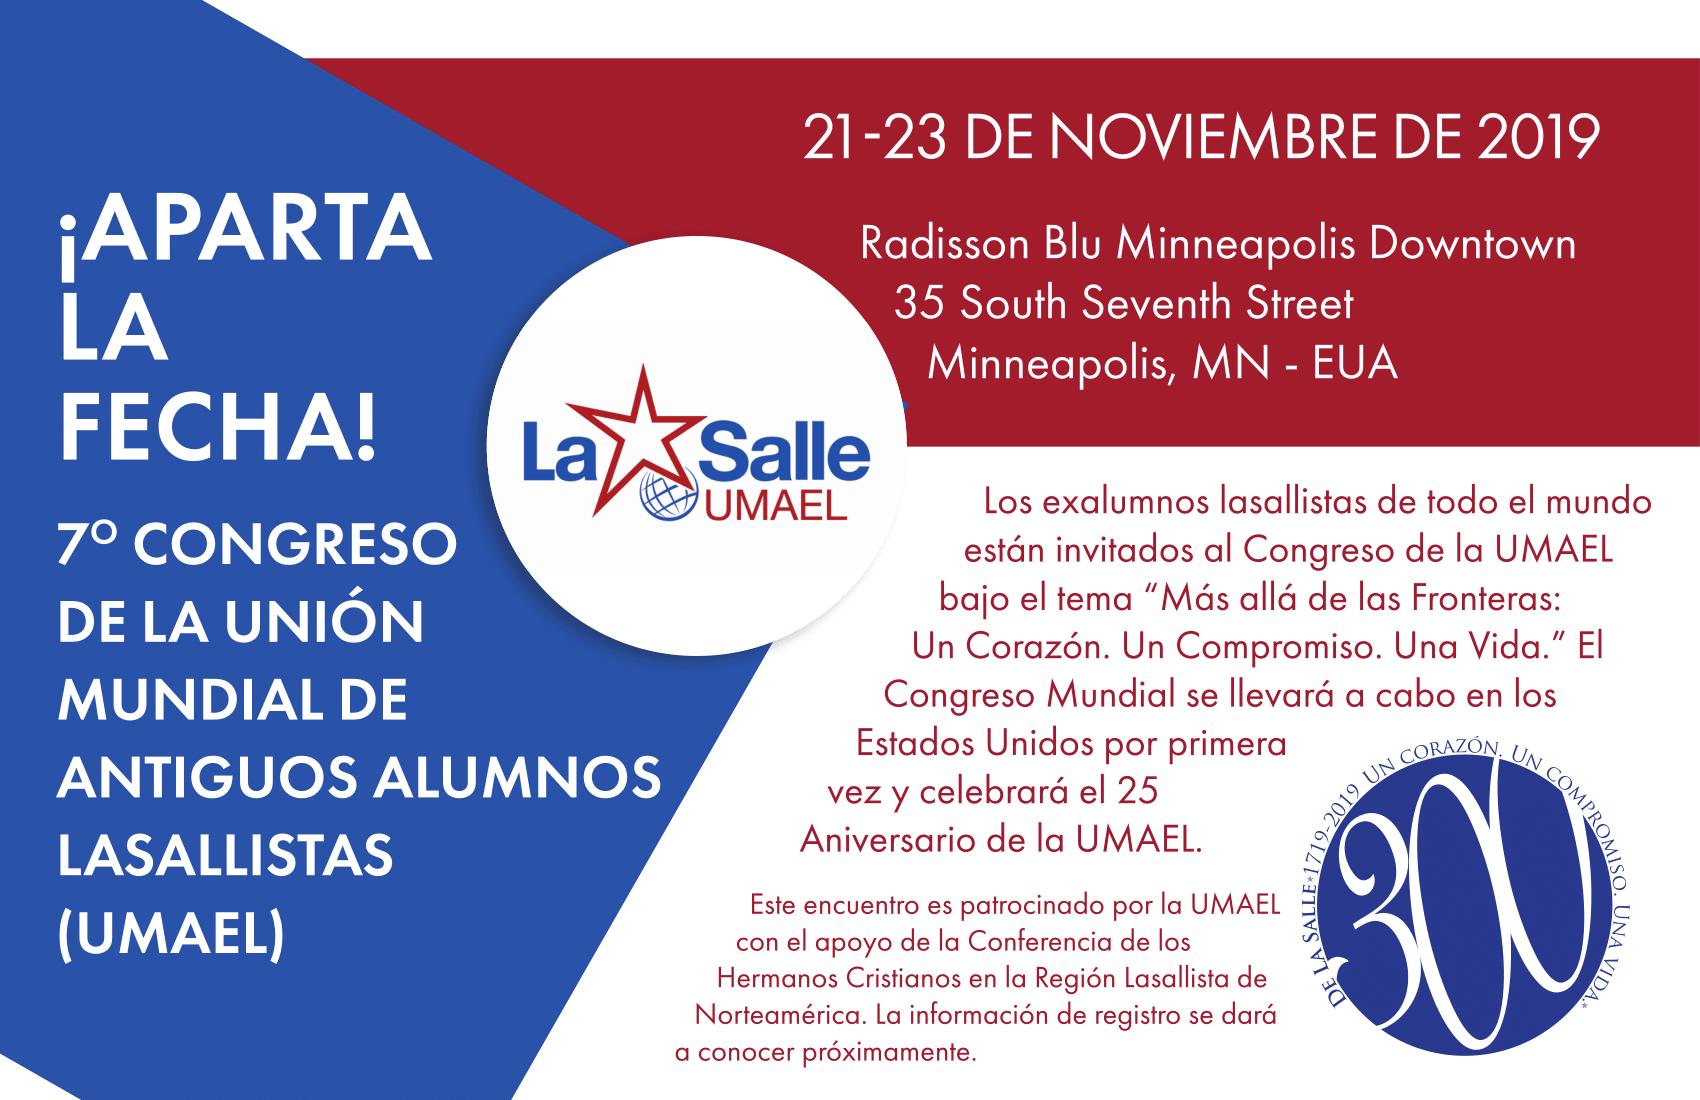 VII CONGRESO UMAEL EN ESTADOS UNIDOS 21-23 NOV 2019